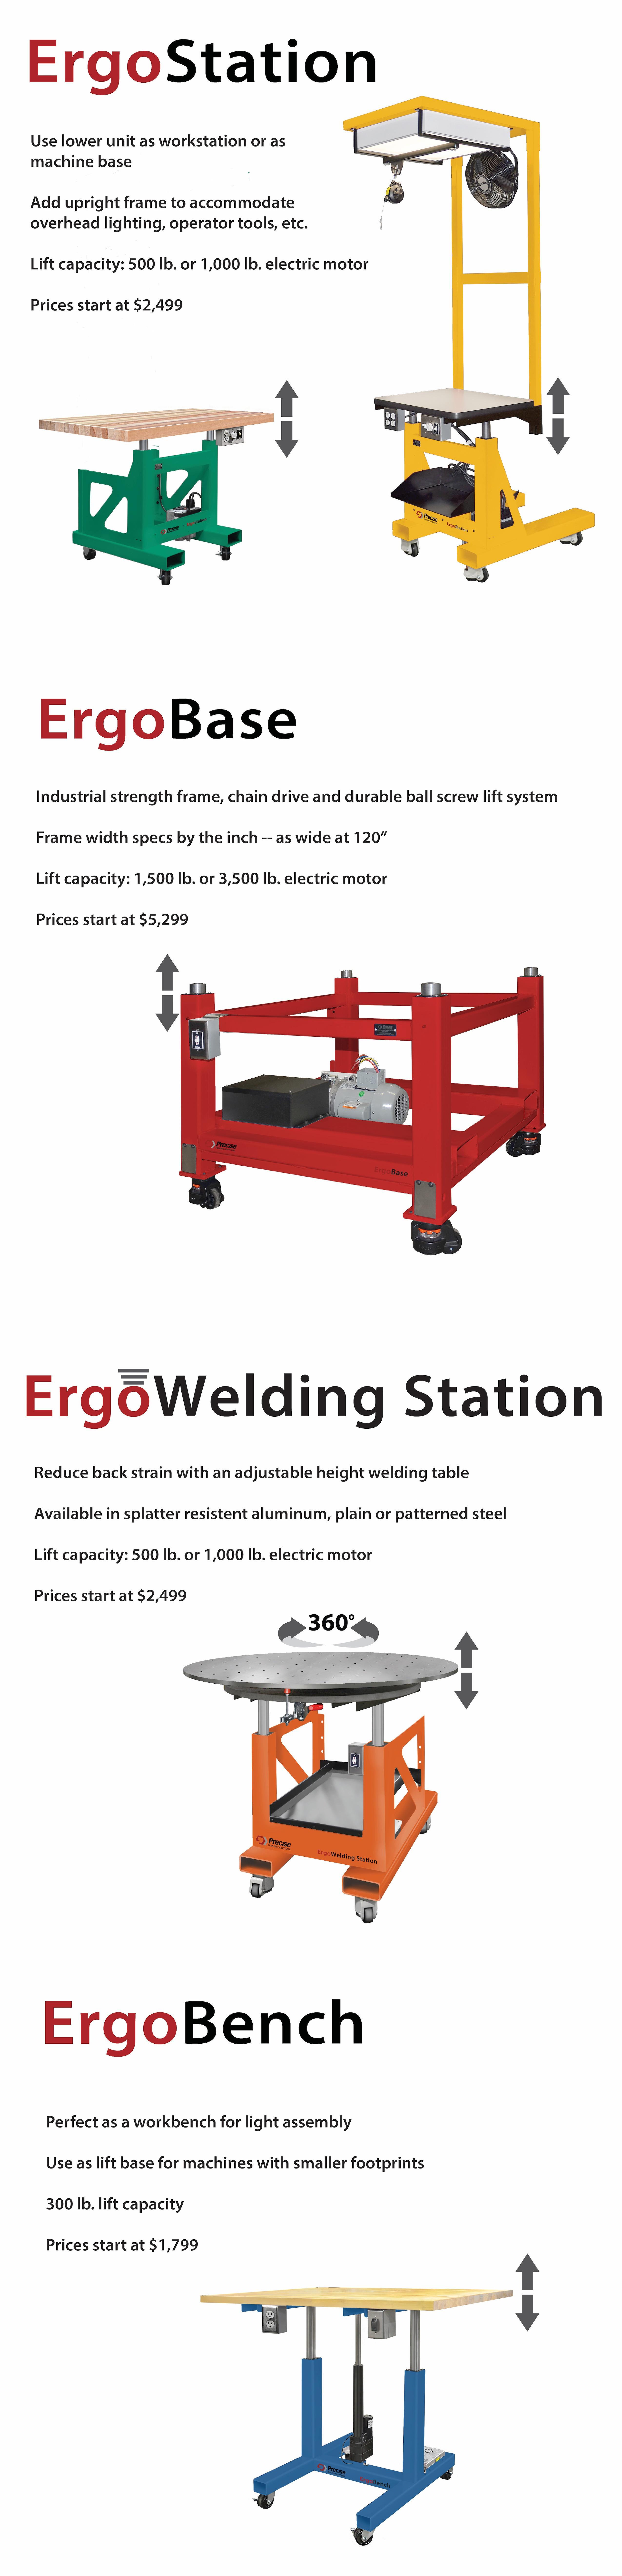 ErgoSmart models for website Dec 2017.jpg